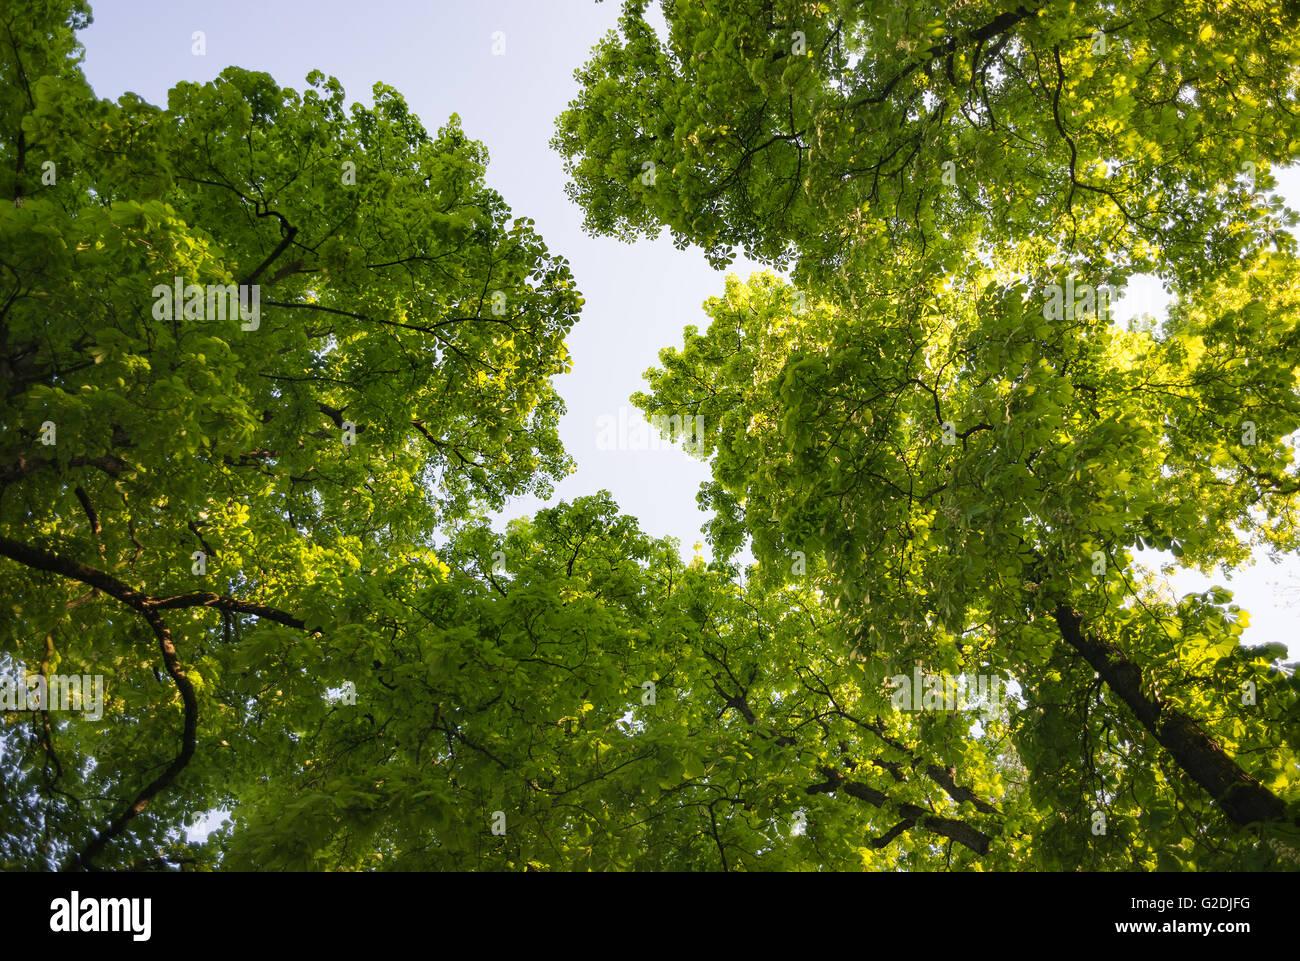 Ippocastano castagno treetop visto da sotto vista sun bright foglie verdi foglie majestic Immagini Stock